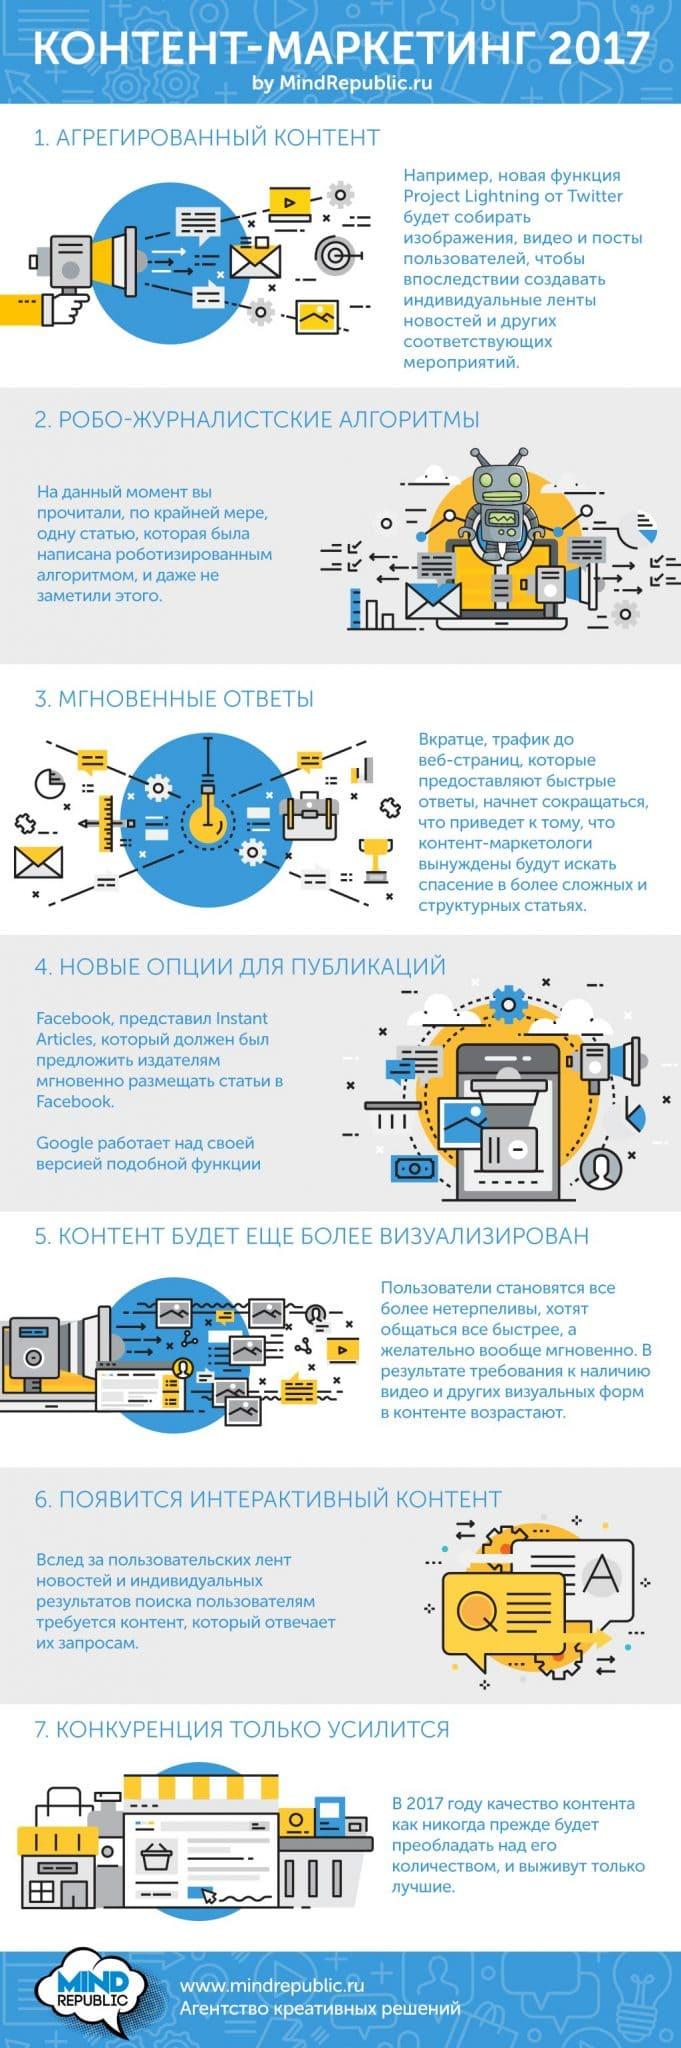 Контент-маркетинг. Топ 7 трендов контент-маркетинга 2017 Инфографика